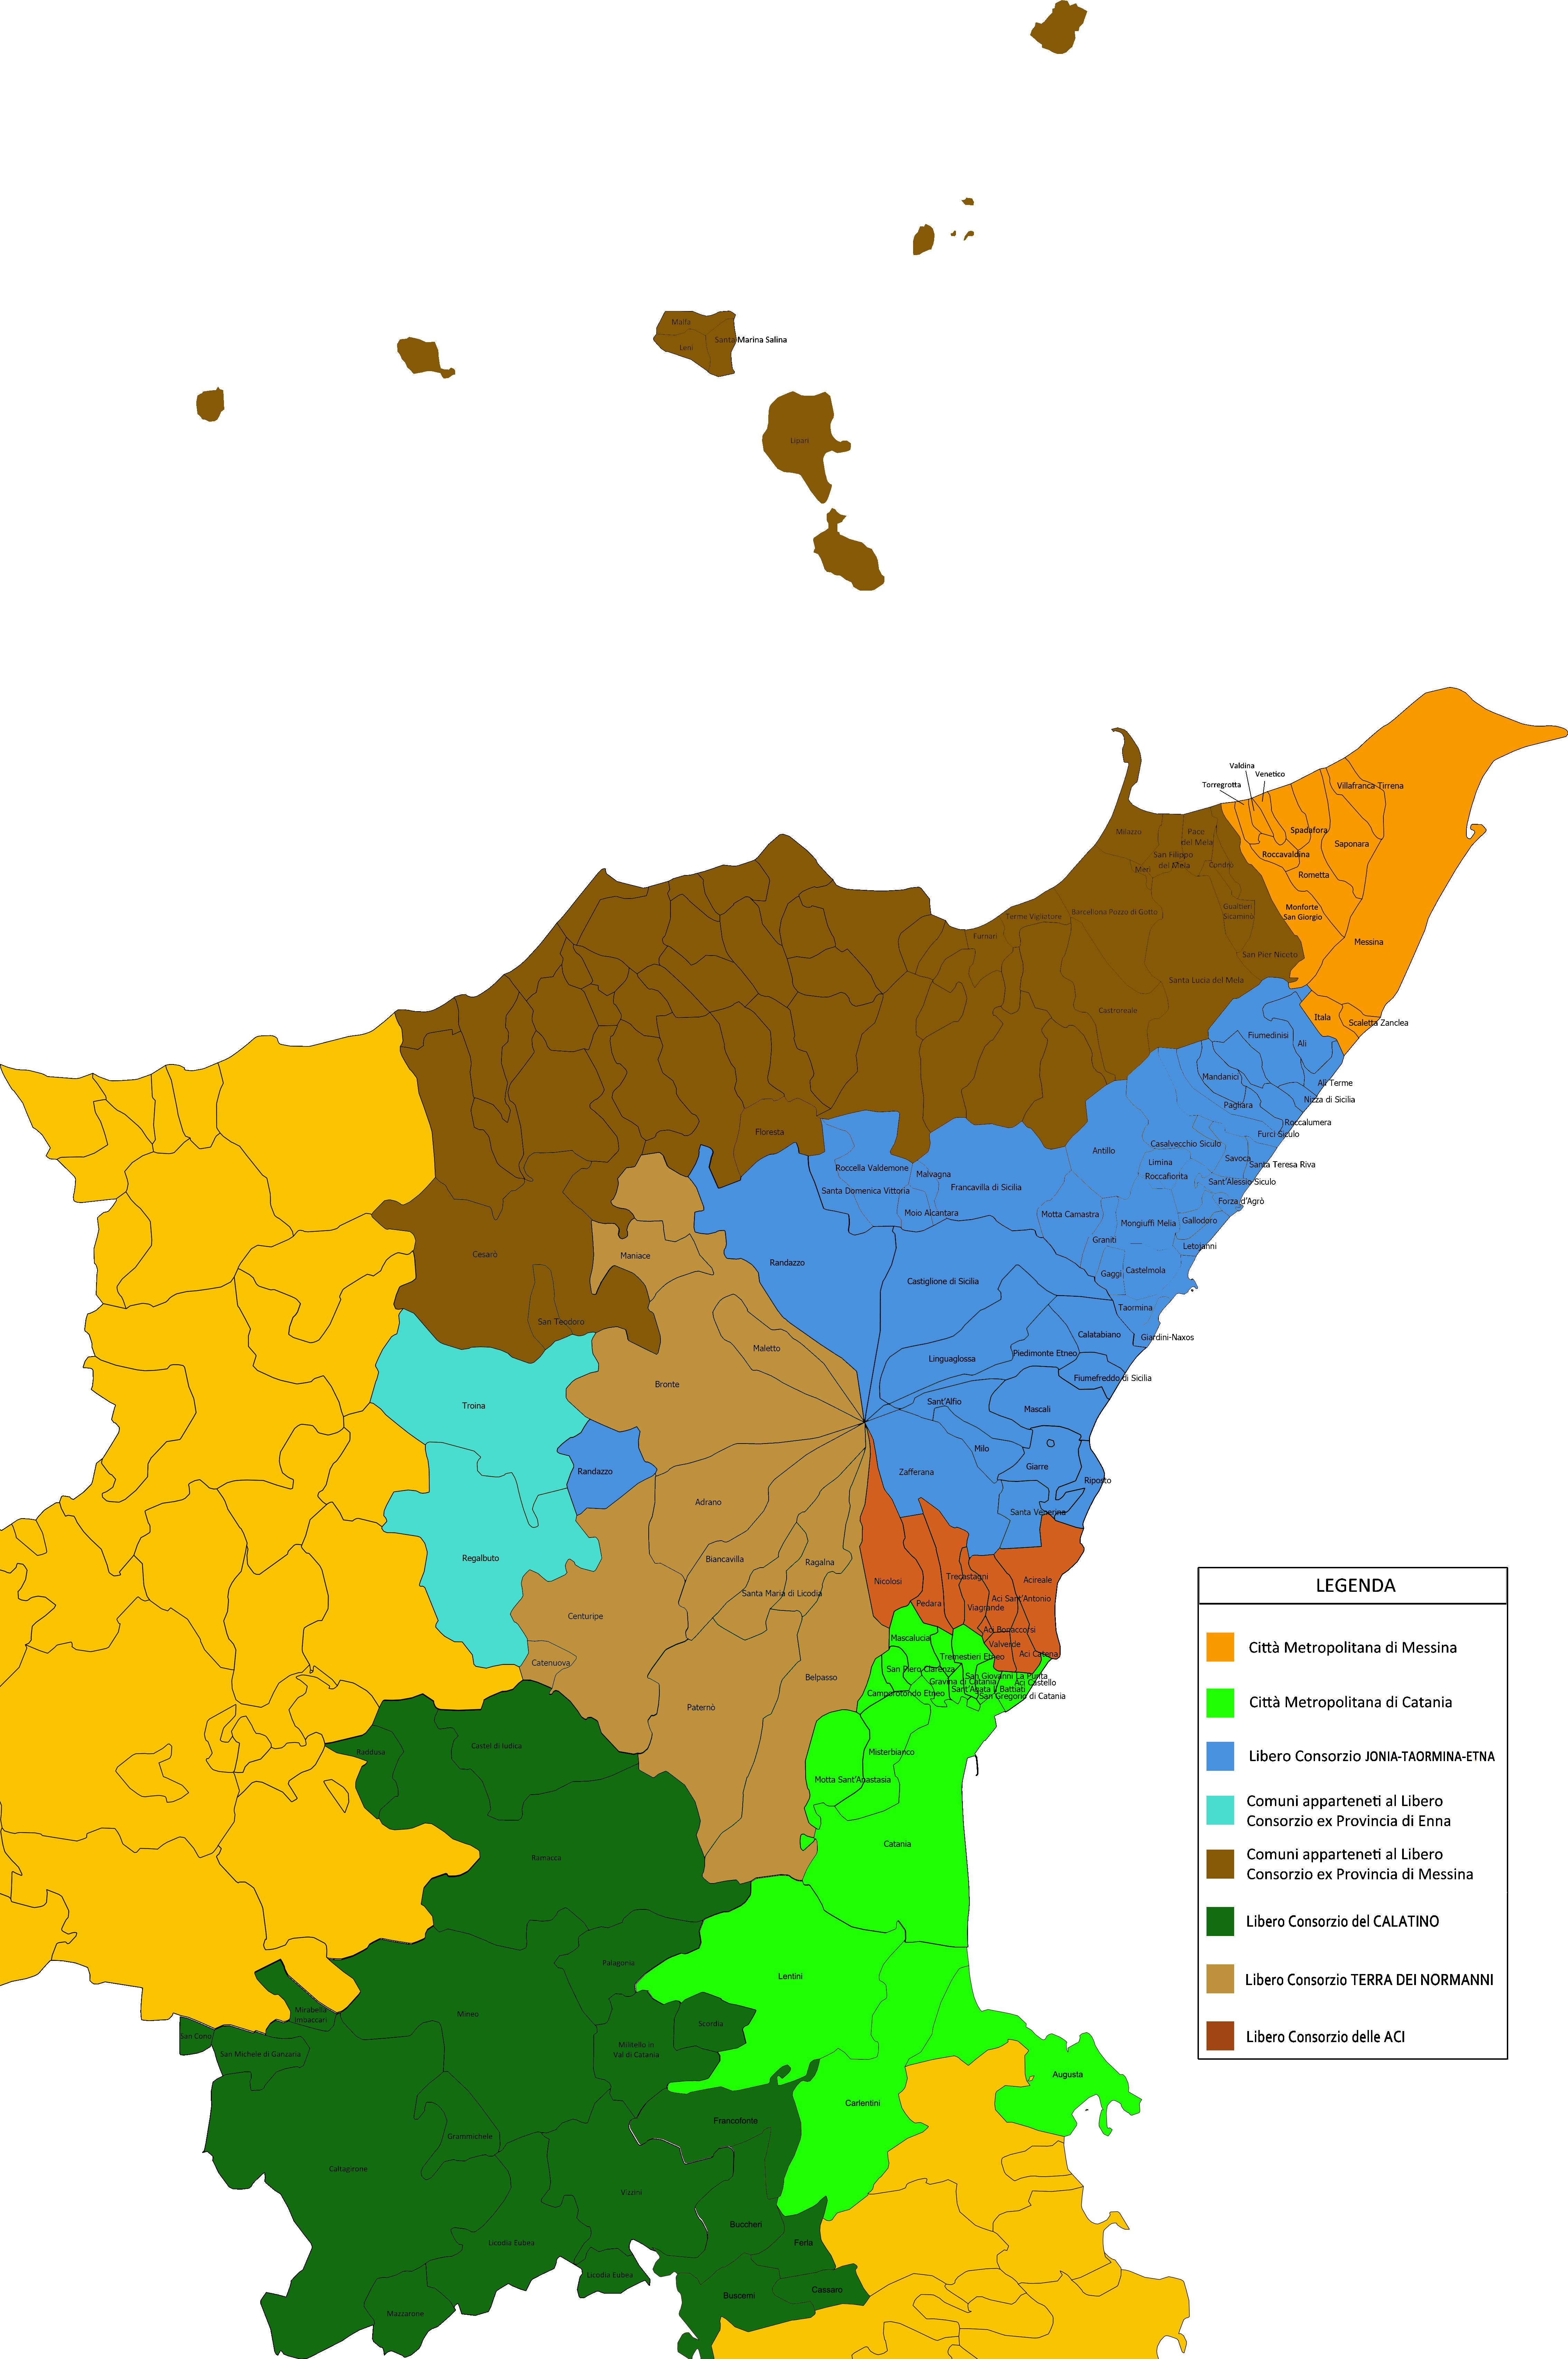 Province e Liberi Consorzi, un po' di chiarezza!